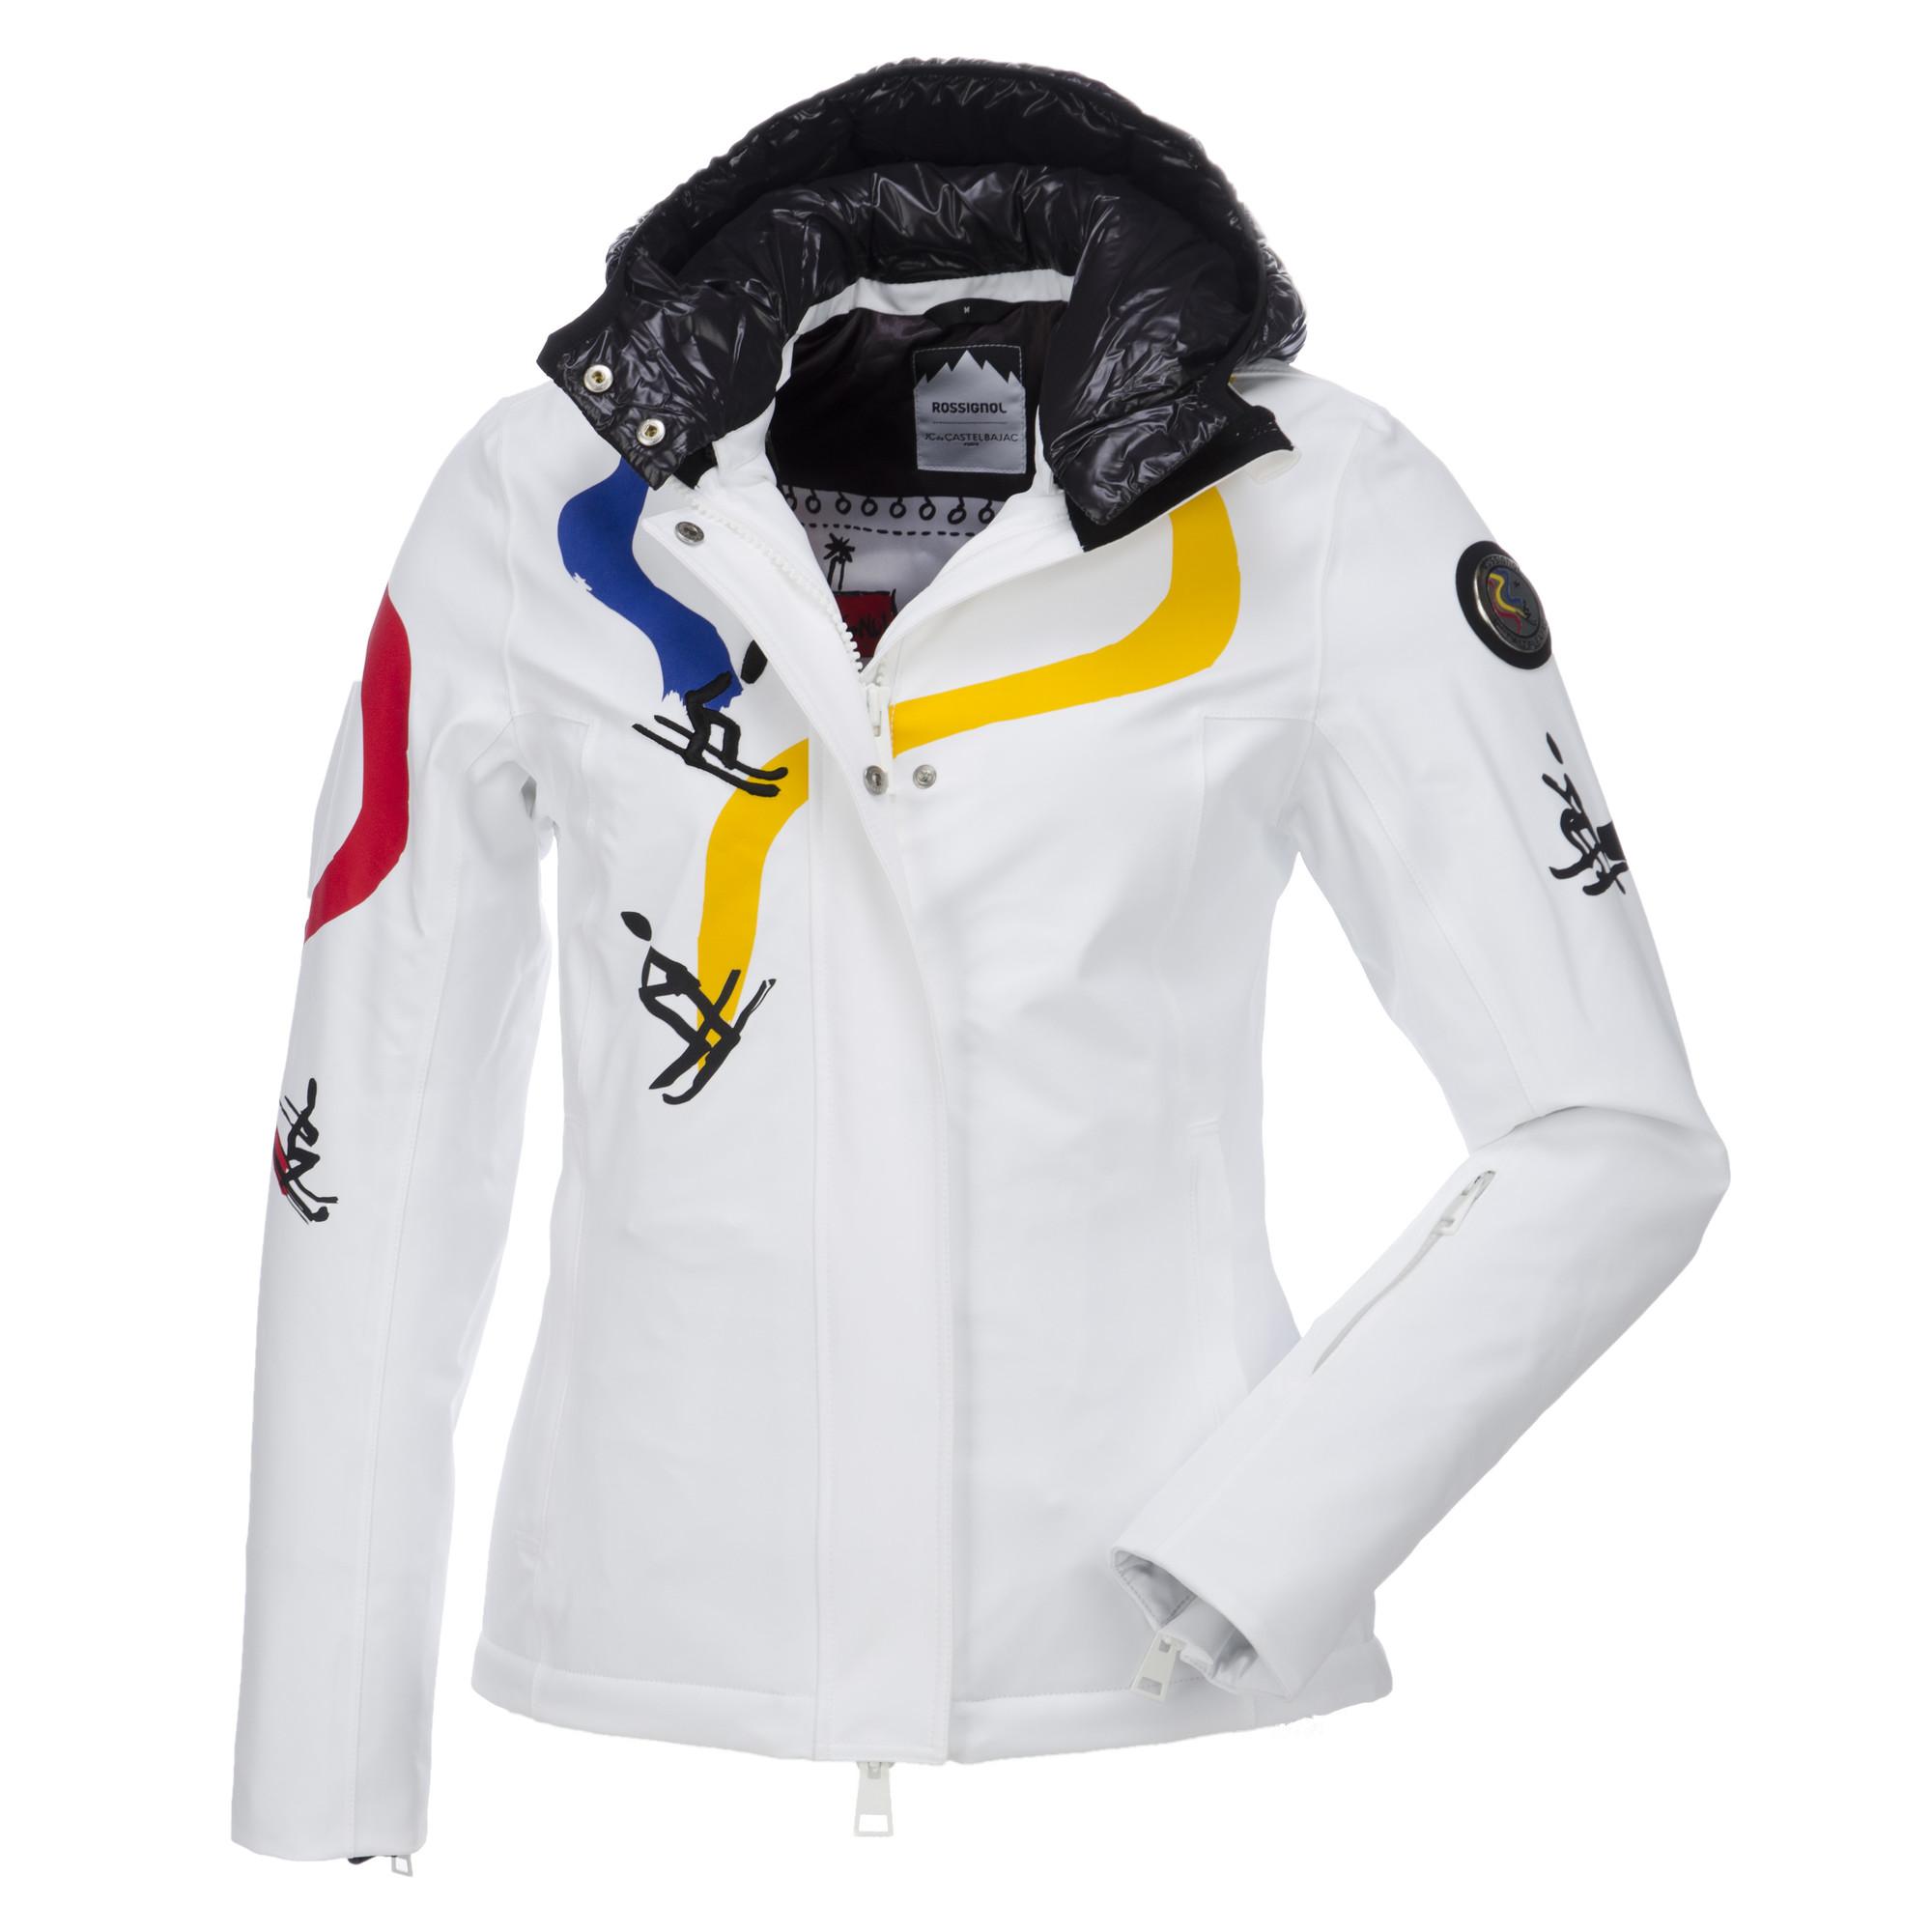 Rossignol ski jacken damen